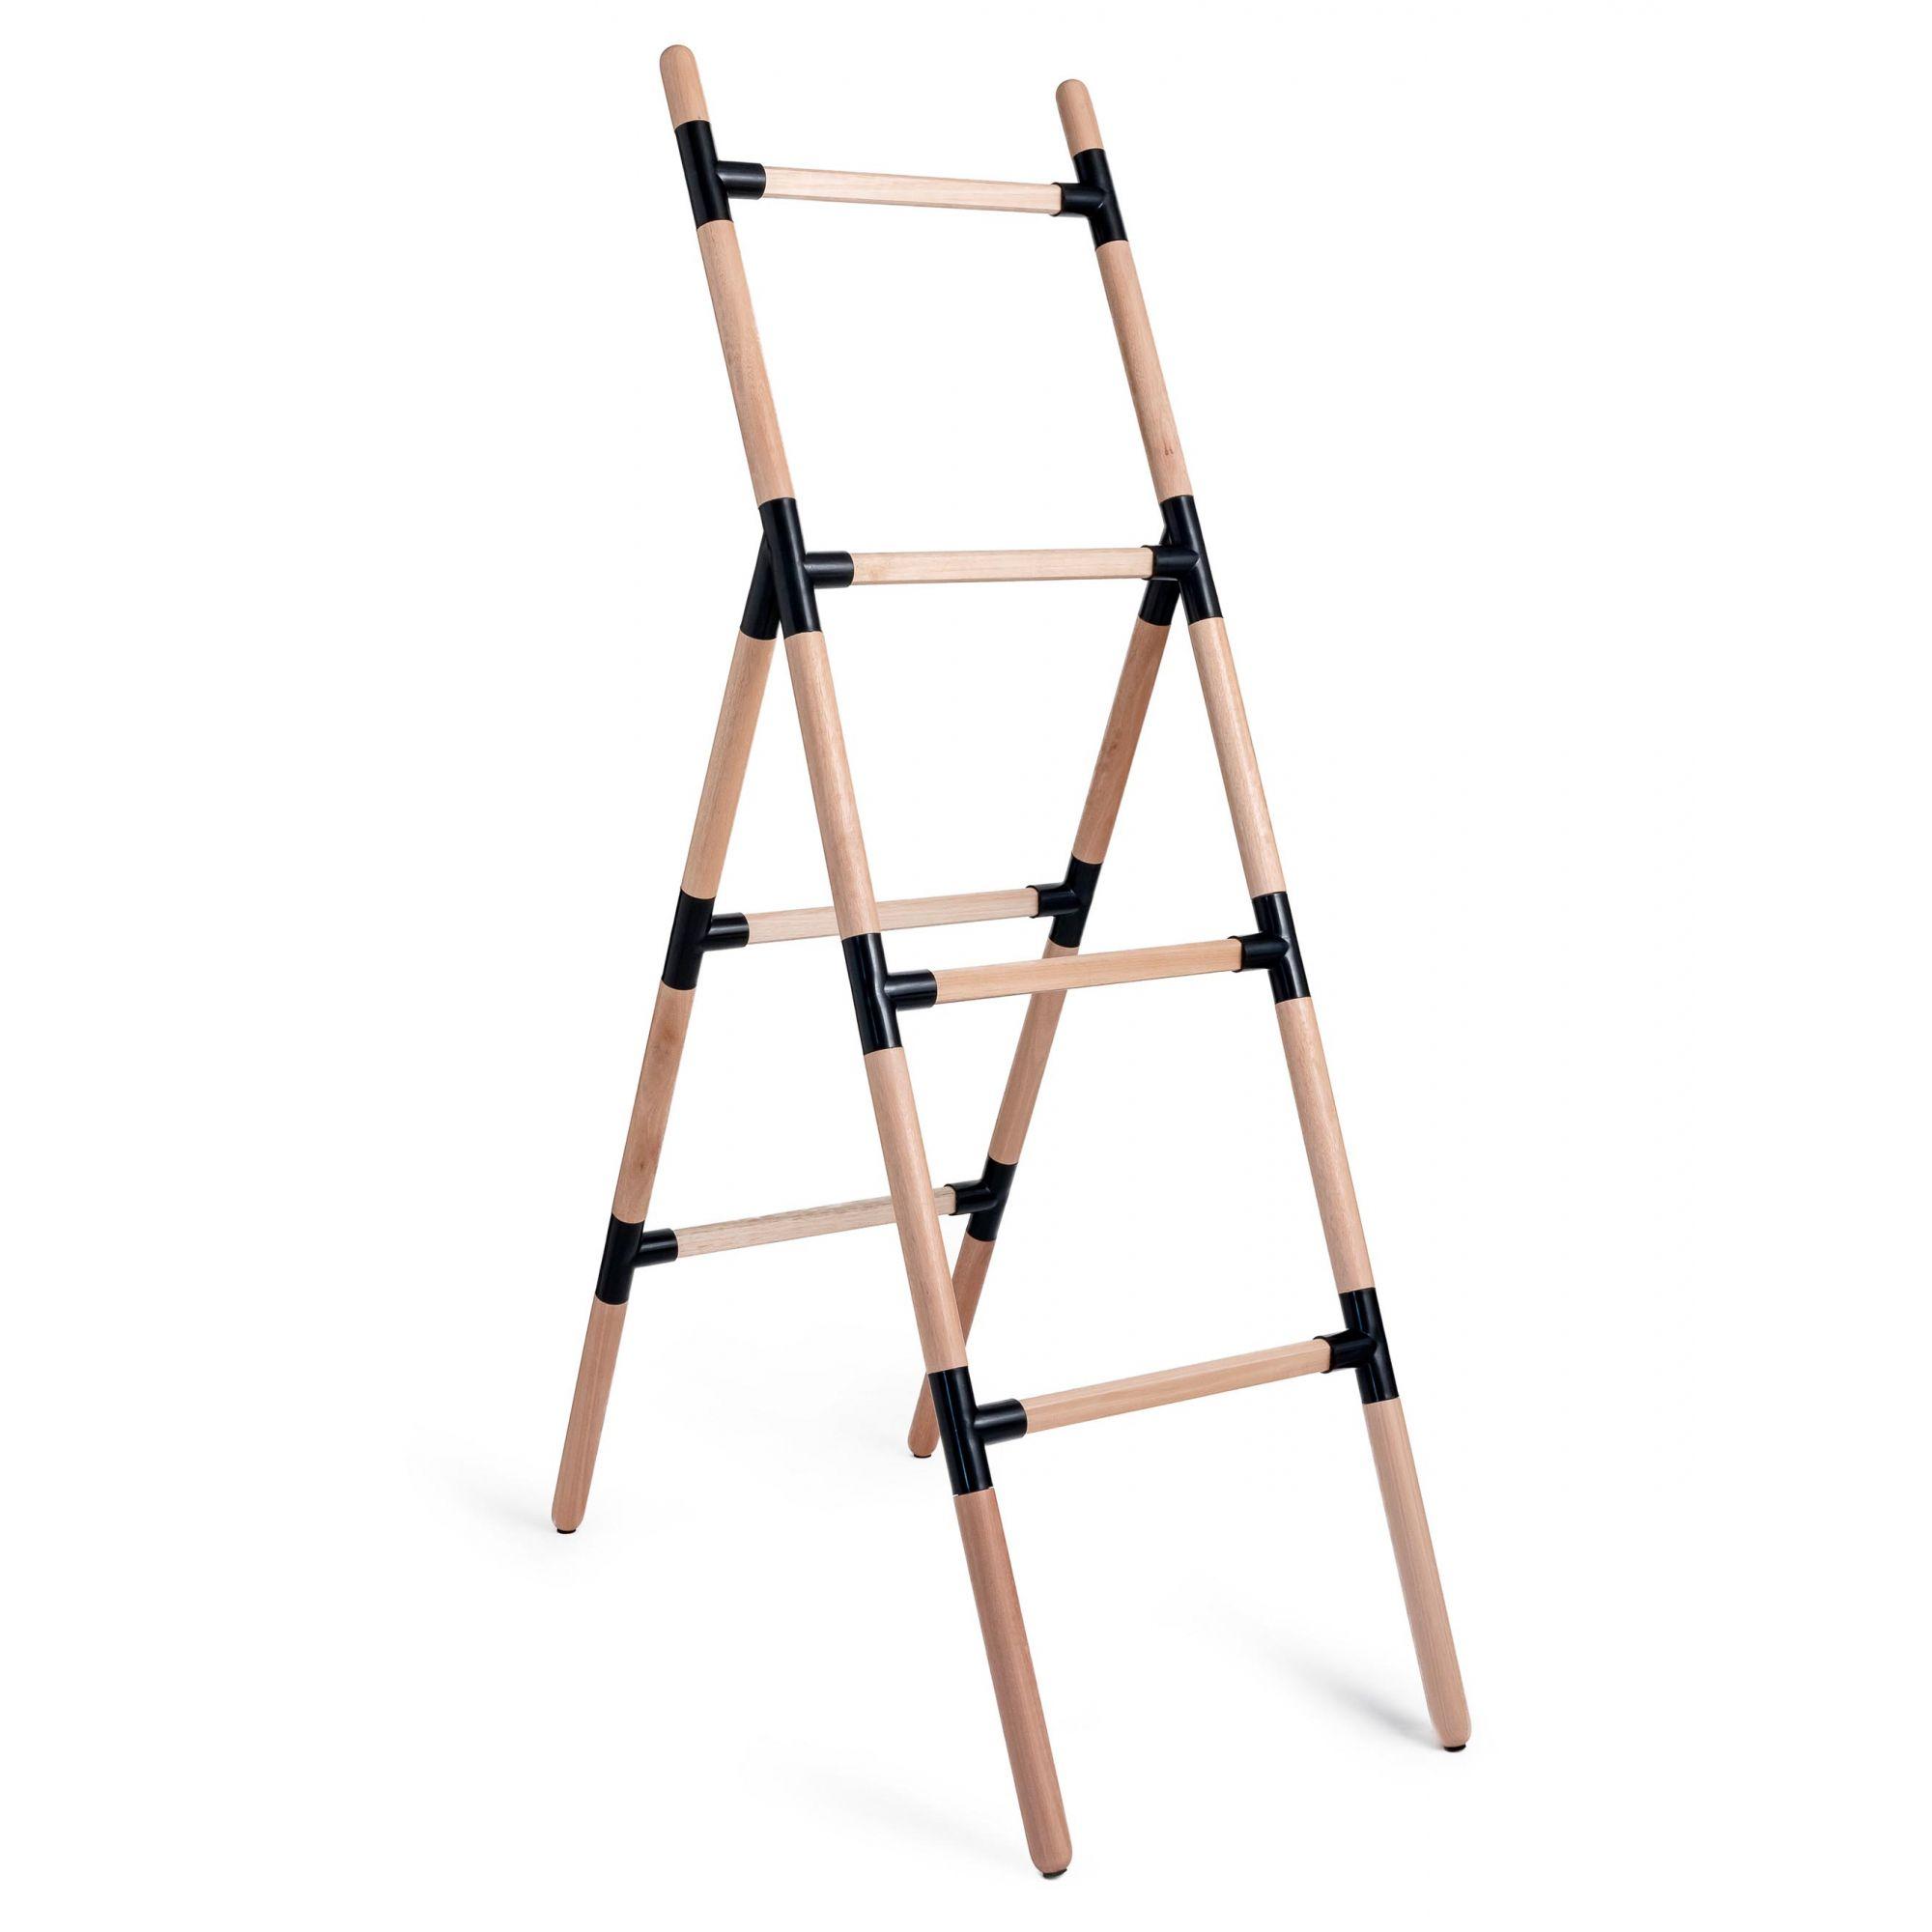 Suporte Escada Eleve Raiz 4 Níveis Preto